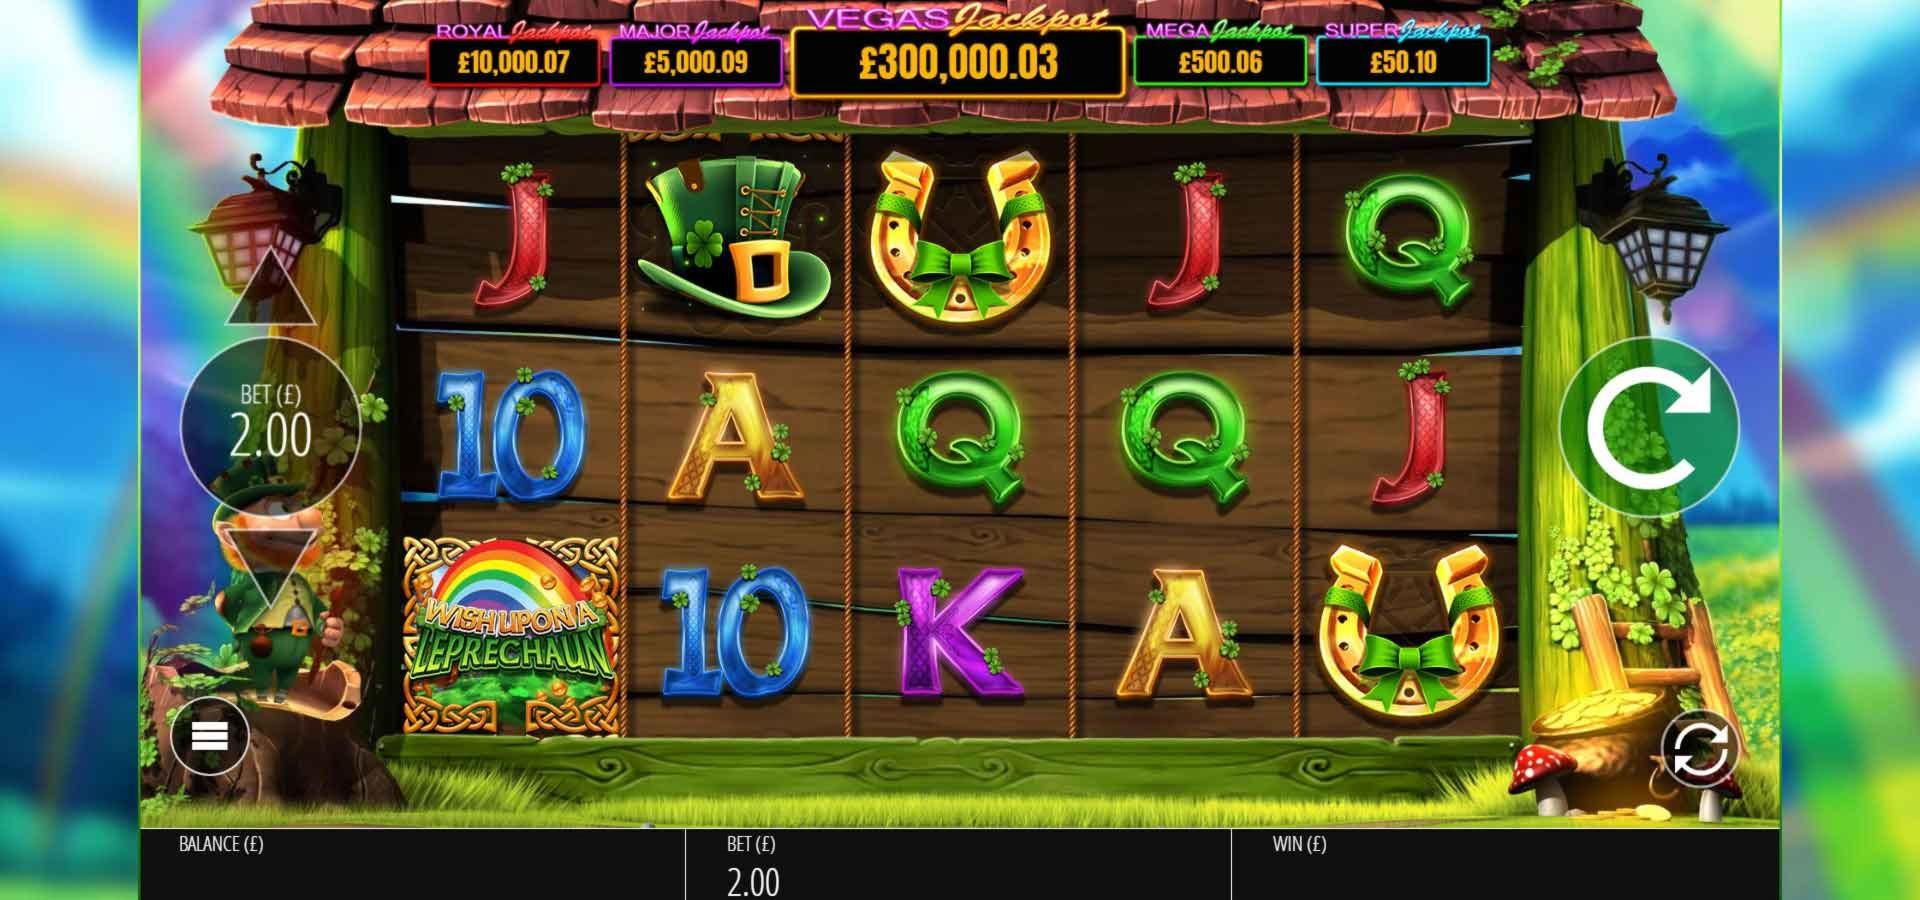 €3120 No deposit bonus at Royal Vegas Casino